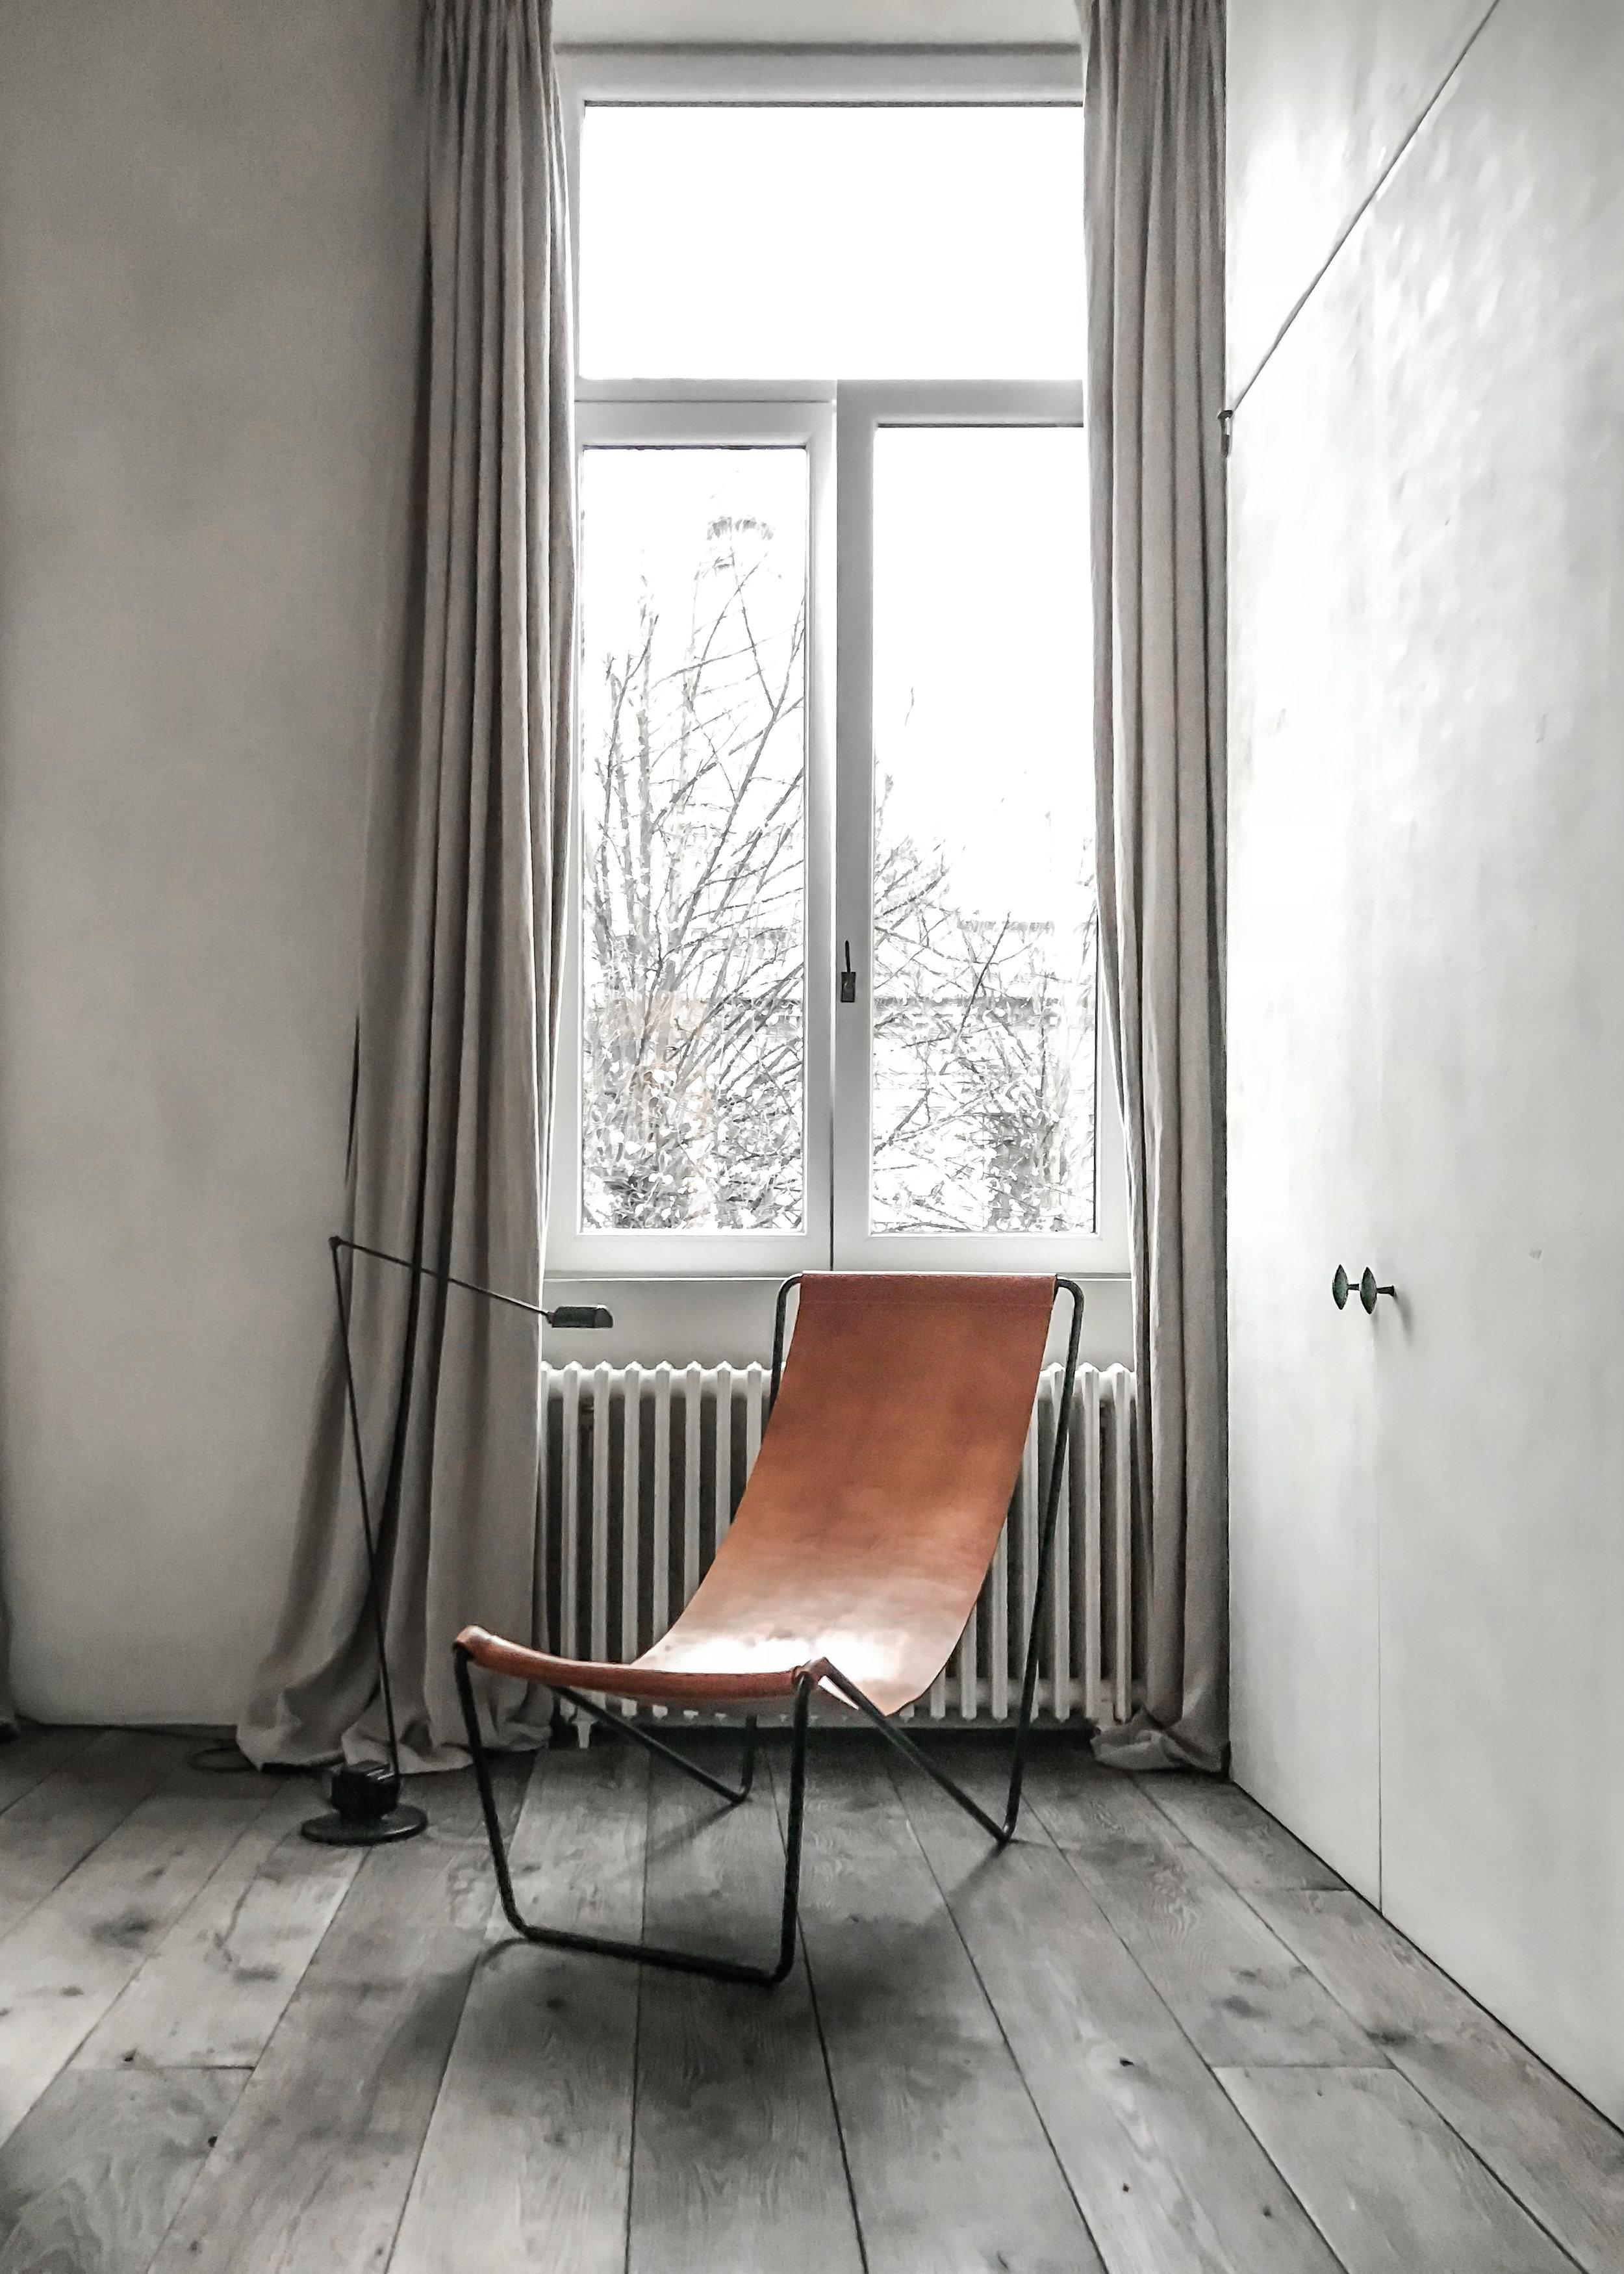 Graanmarkt 13 - The Apartment (2 of 2).jpg